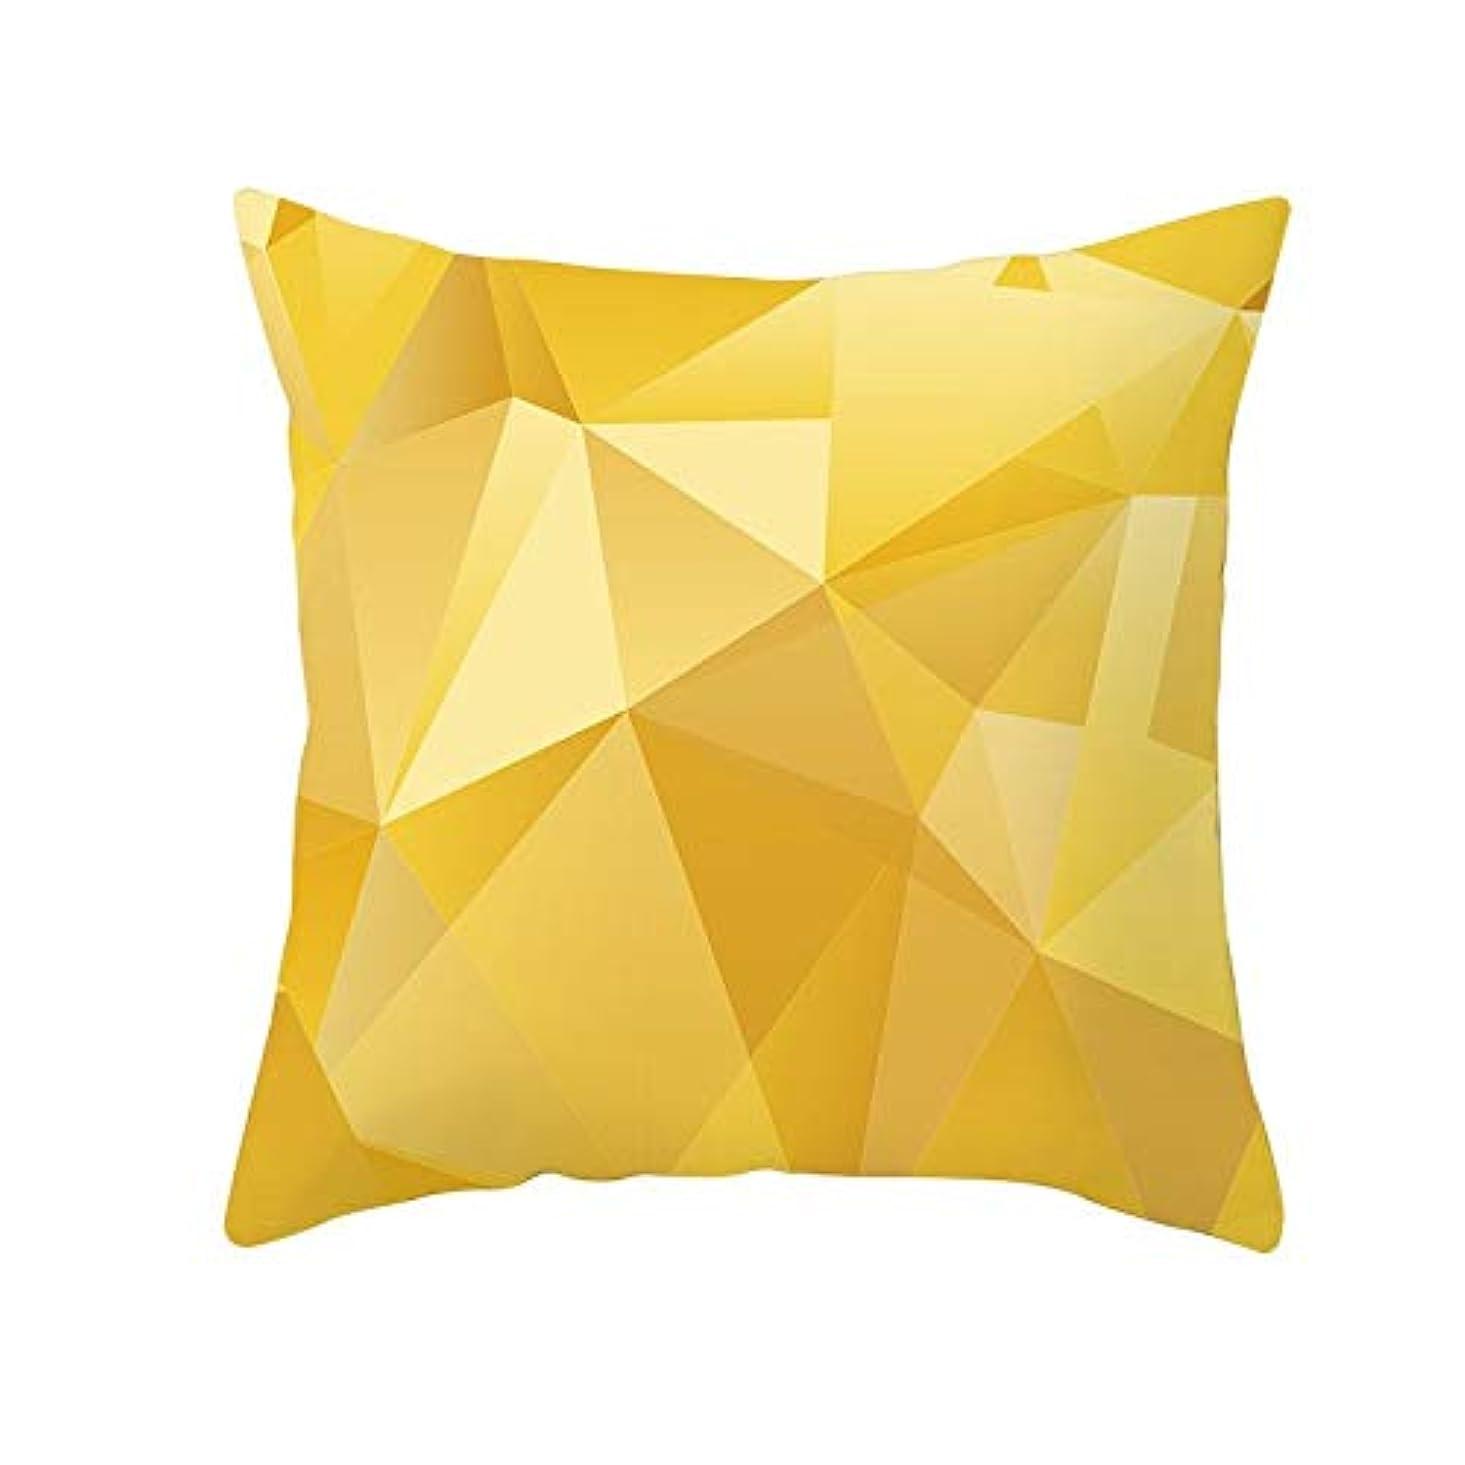 スリラーパワーメニューLIFE 装飾クッションソファ 幾何学プリントポリエステル正方形の枕ソファスロークッション家の装飾 coussin デ長椅子 クッション 椅子